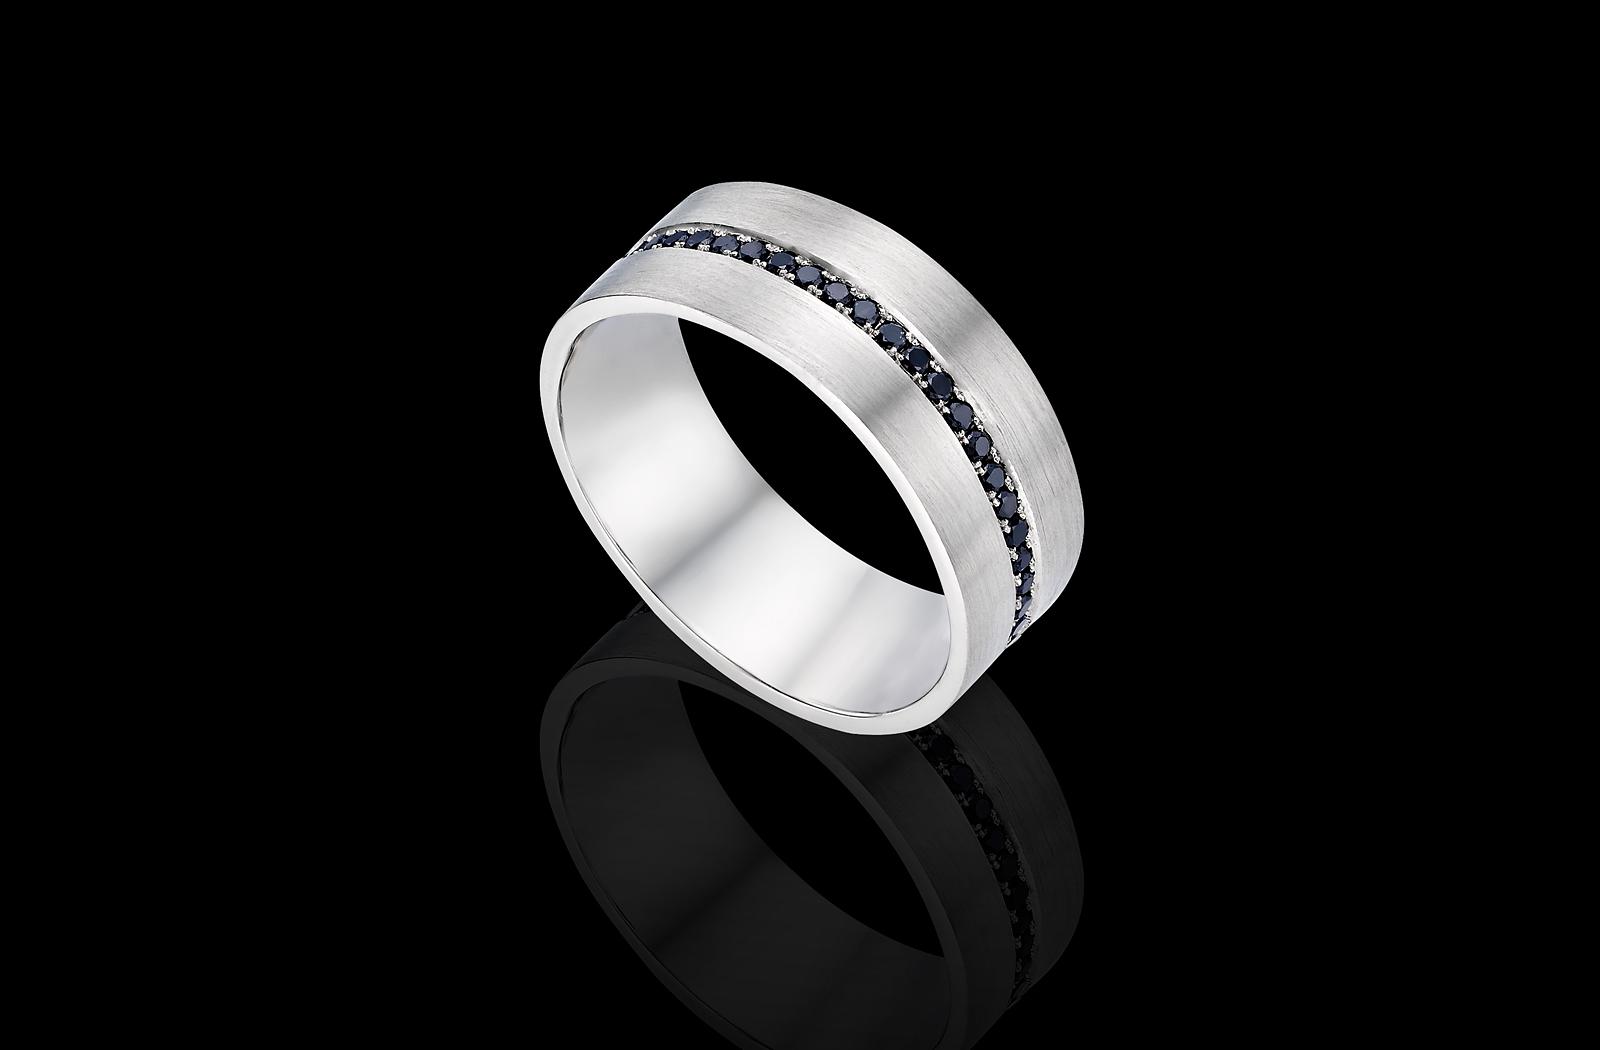 טבעת בזהב לבן 14K משובצת יהלומים שחורים